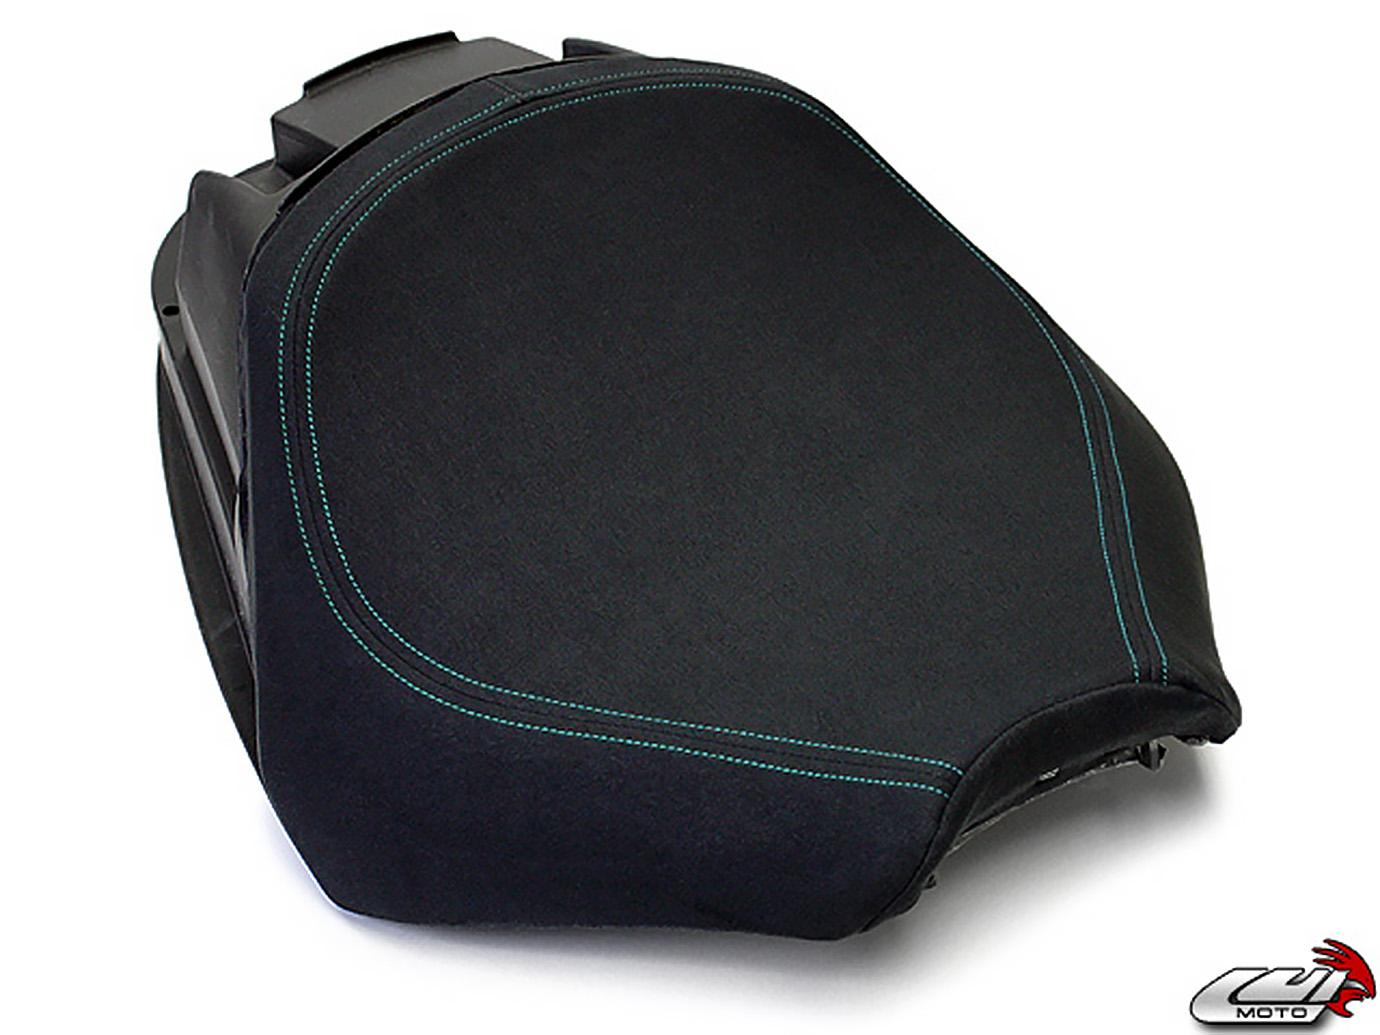 DUCATI SPORT CLASSIC 06-09 LUIMOTO 製ライダーシートカバー (Monoposto Suede 1111106)